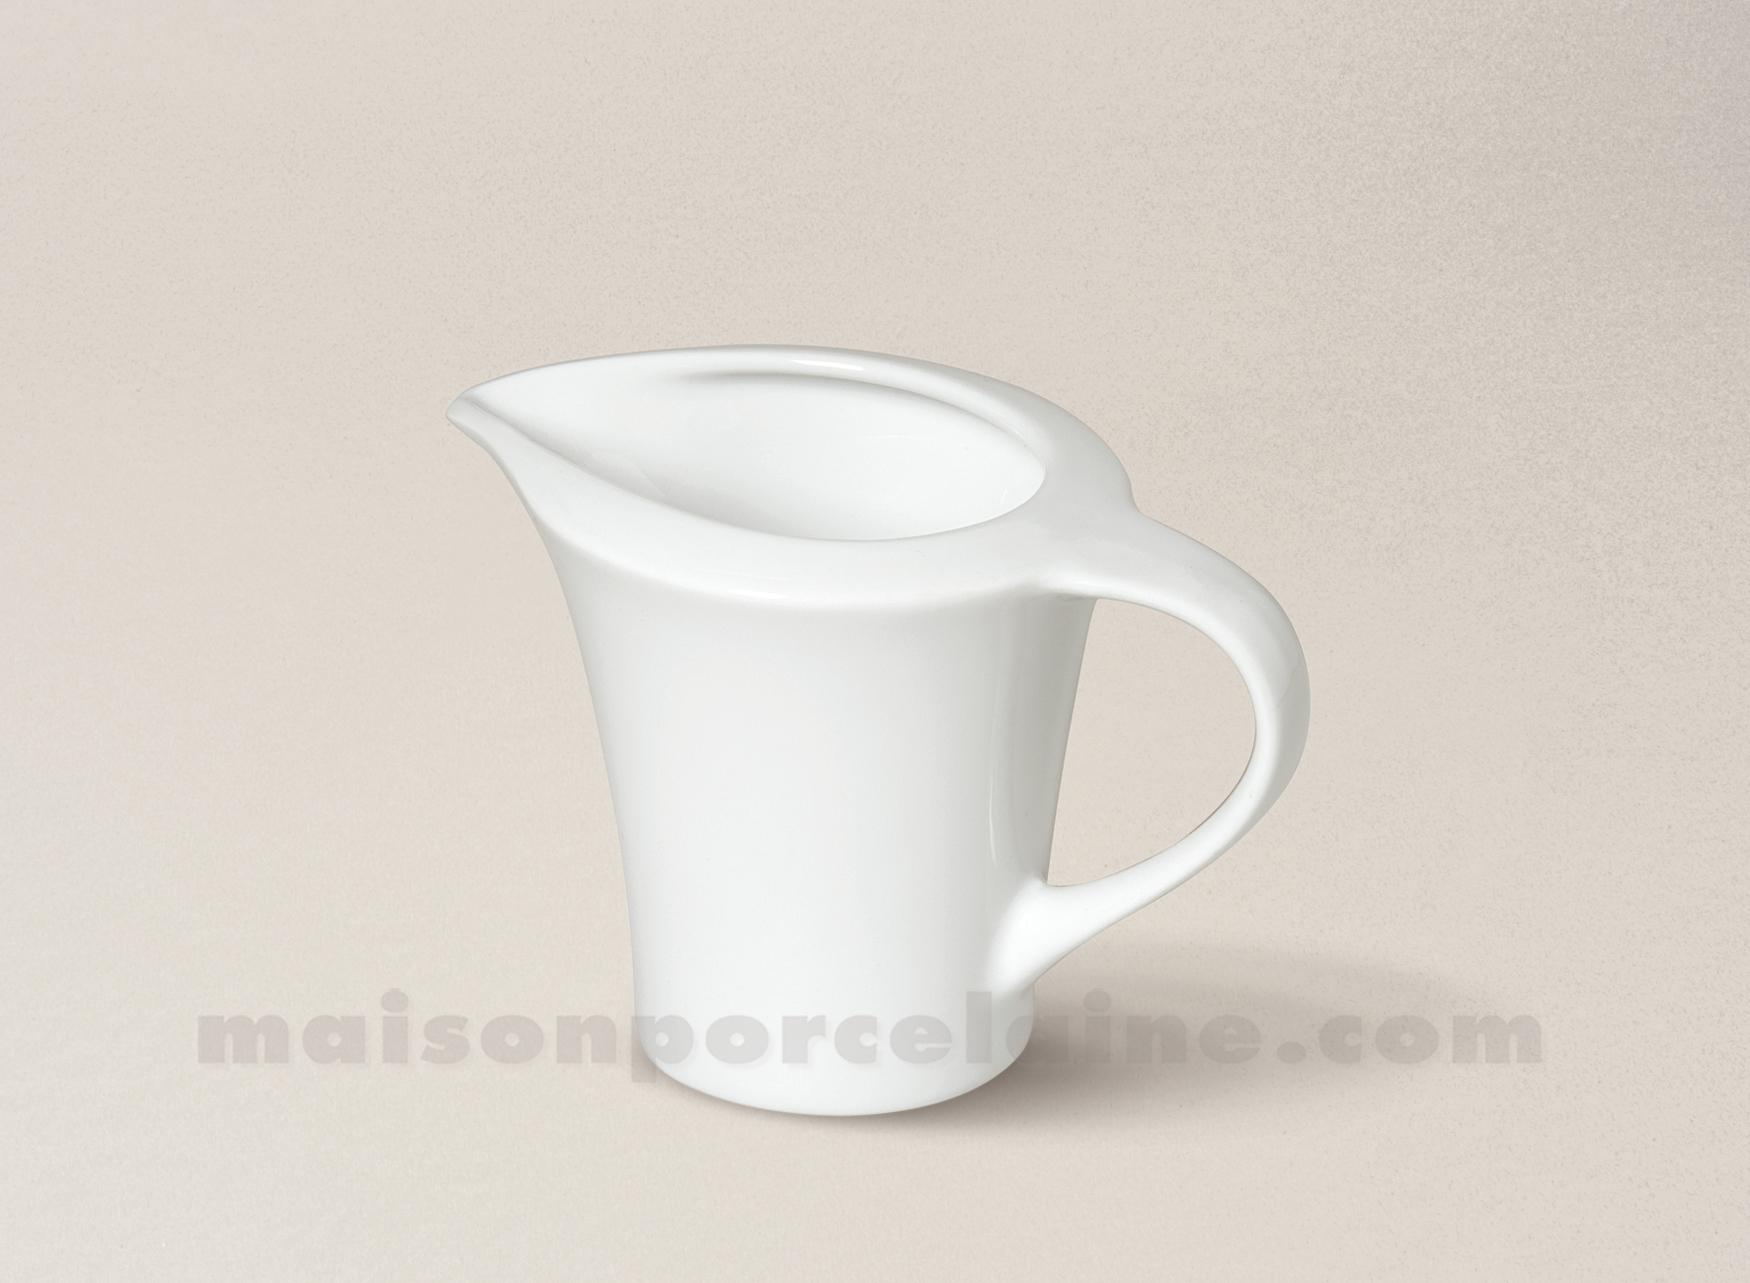 Cremier porcelaine blanche kosmos 13x8x9 23cl maison de for Maison de la porcelaine